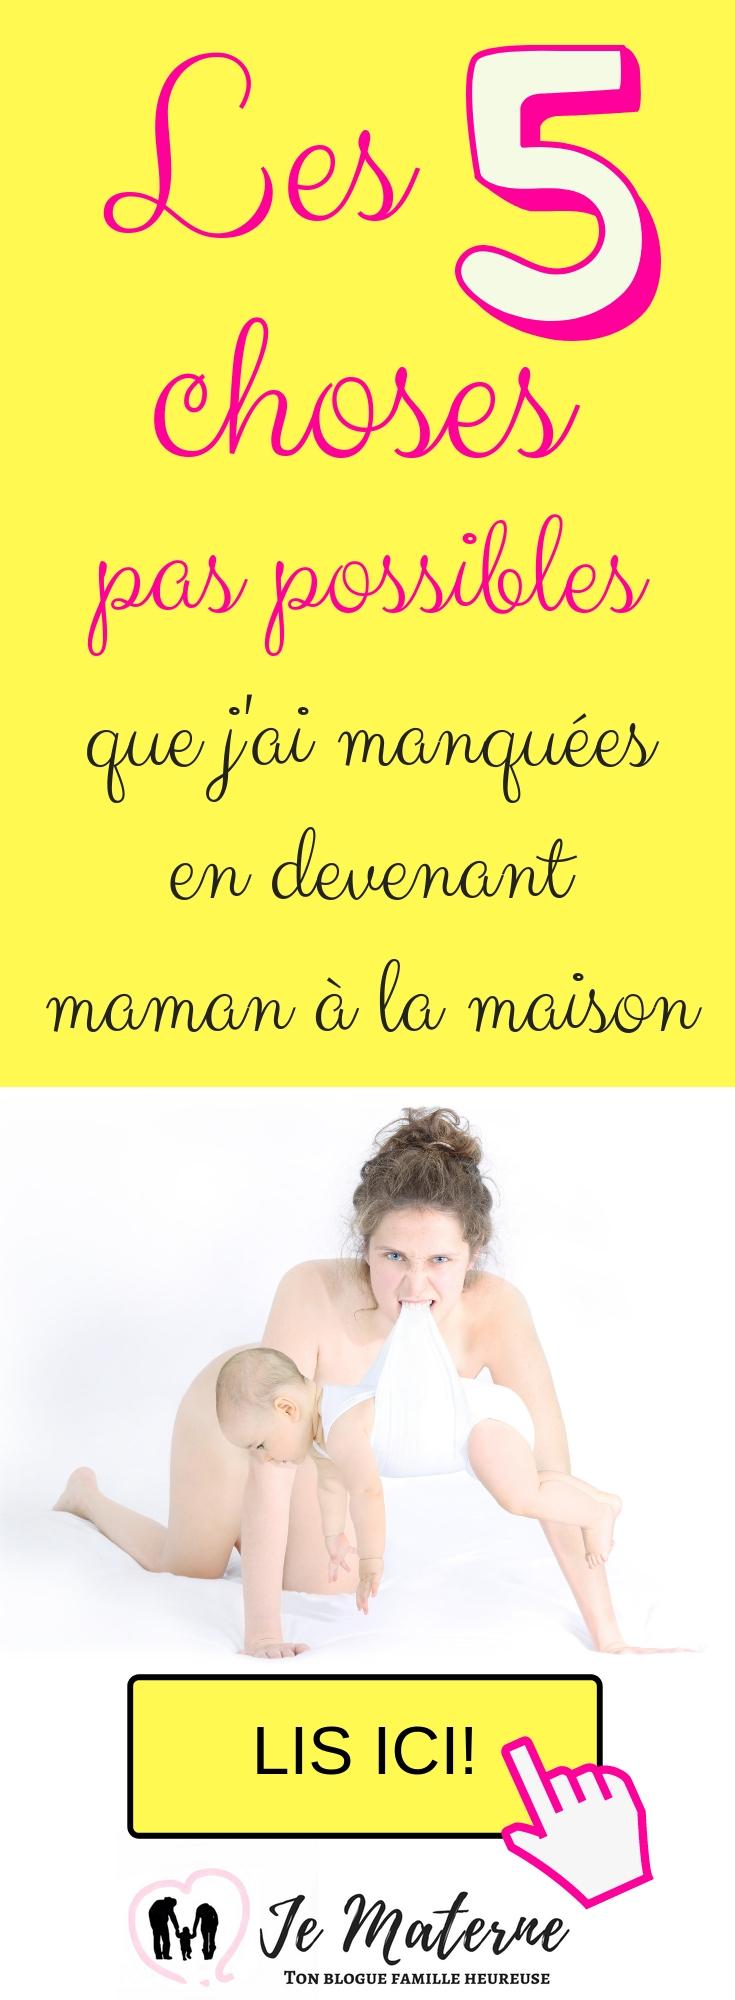 Les 5 choses que j'ai manquées en devenant maman à la maison - à lire absolument sur JeMaterne.com #viedemaman #maman #bébé #enfants https://jematerne.com/2018/09/16/5-choses-pas-possibles-que-jai-manquees-en-devenant-maman-a-la-maison-2/